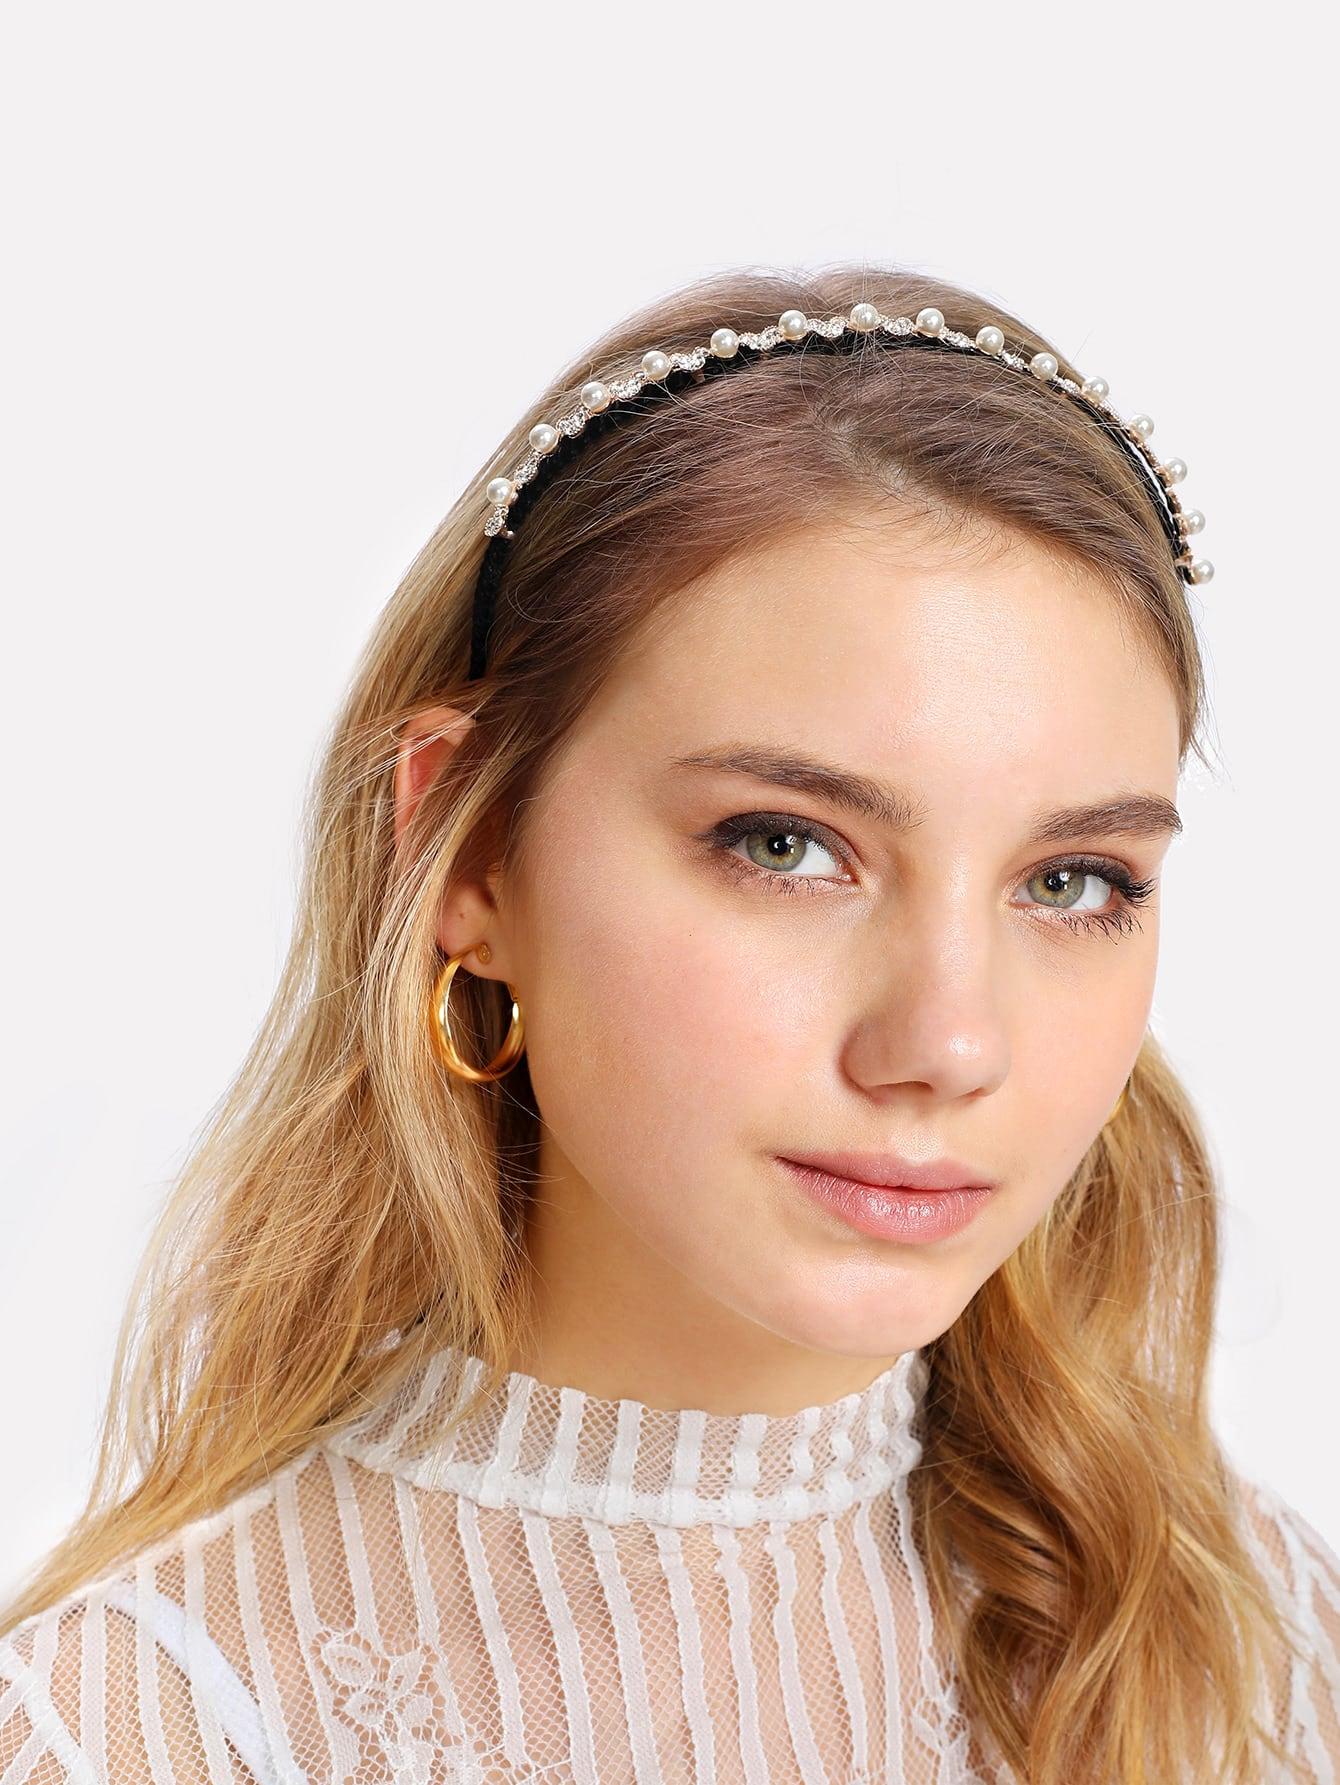 Купить Модный обруч для волос с бусинами и стразами, null, SheIn